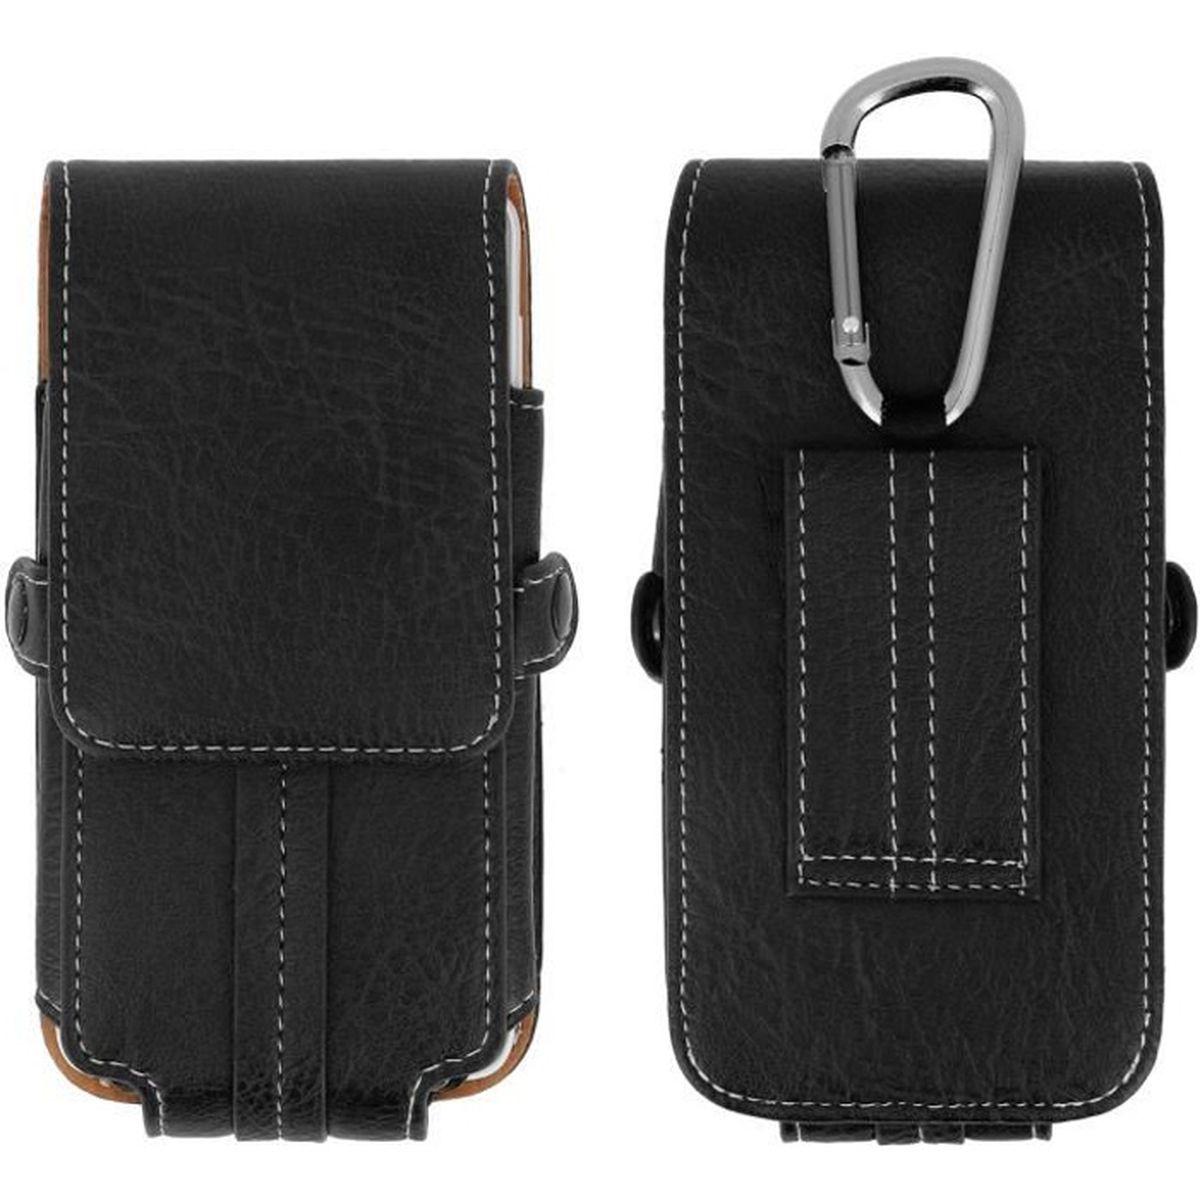 Housse ceinture pour telephone portable - Achat   Vente pas cher d26cc65a4c9